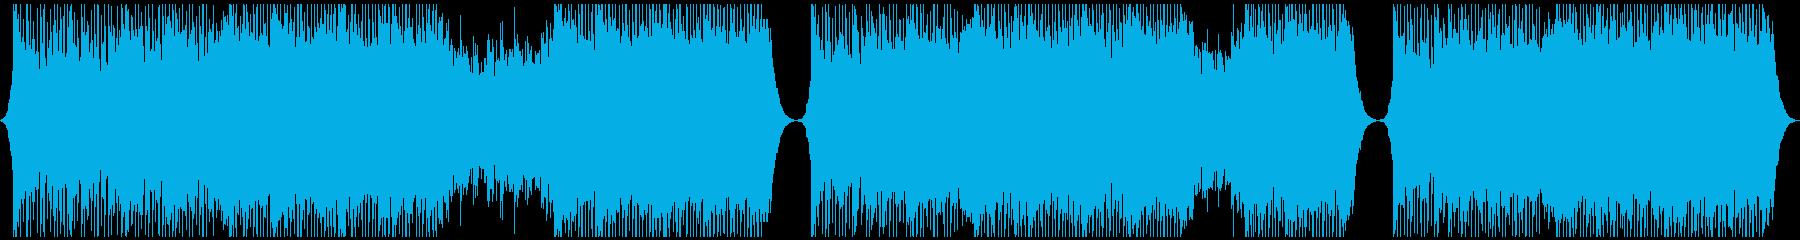 明るいコーポレート系BGMの再生済みの波形